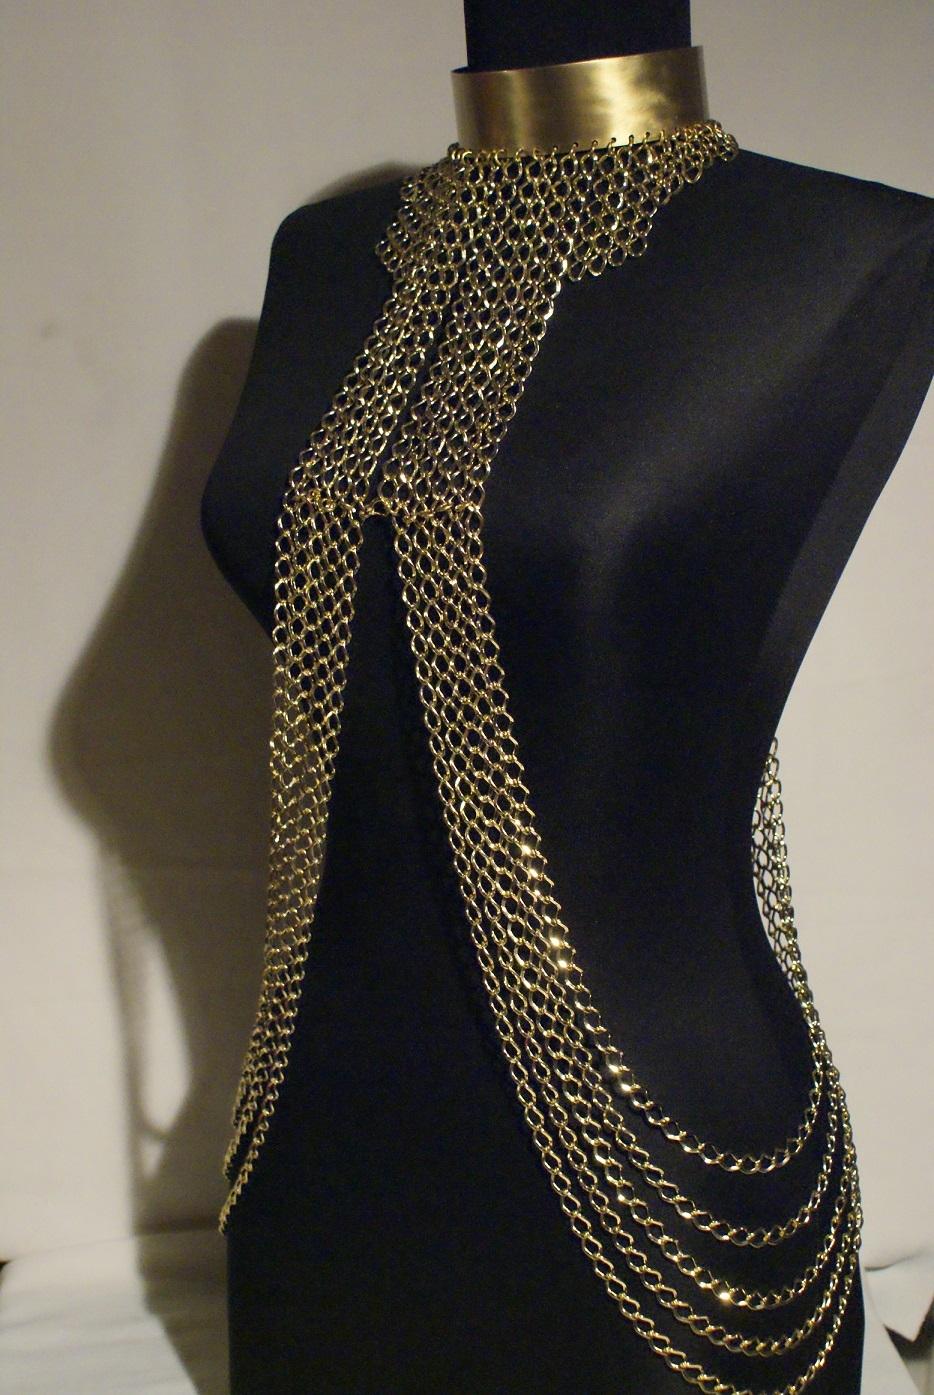 body jewelry necklace